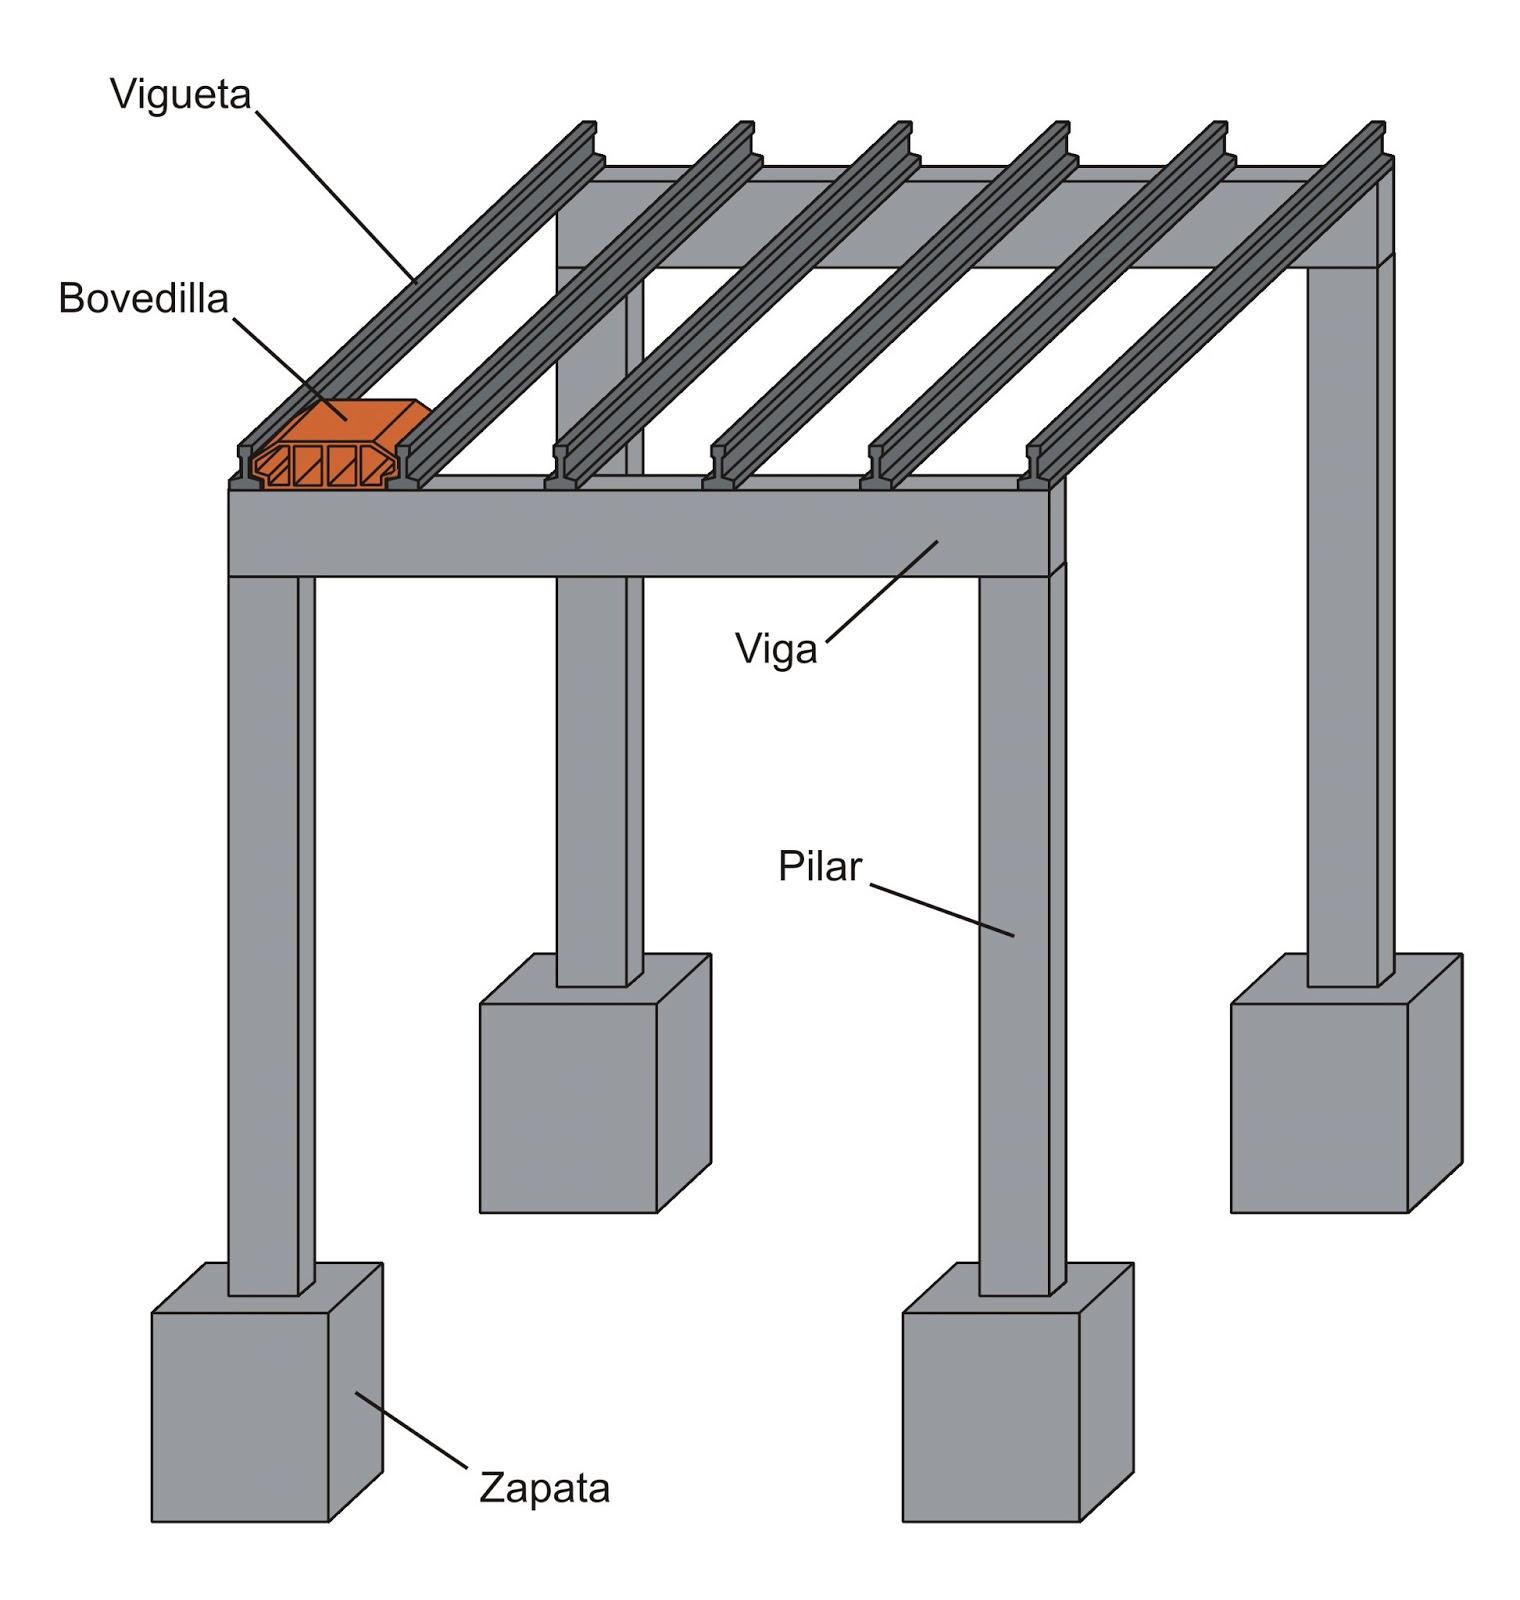 Tecnolog a 2 e s o construcci n de las estructuras - Que es un porche en arquitectura ...